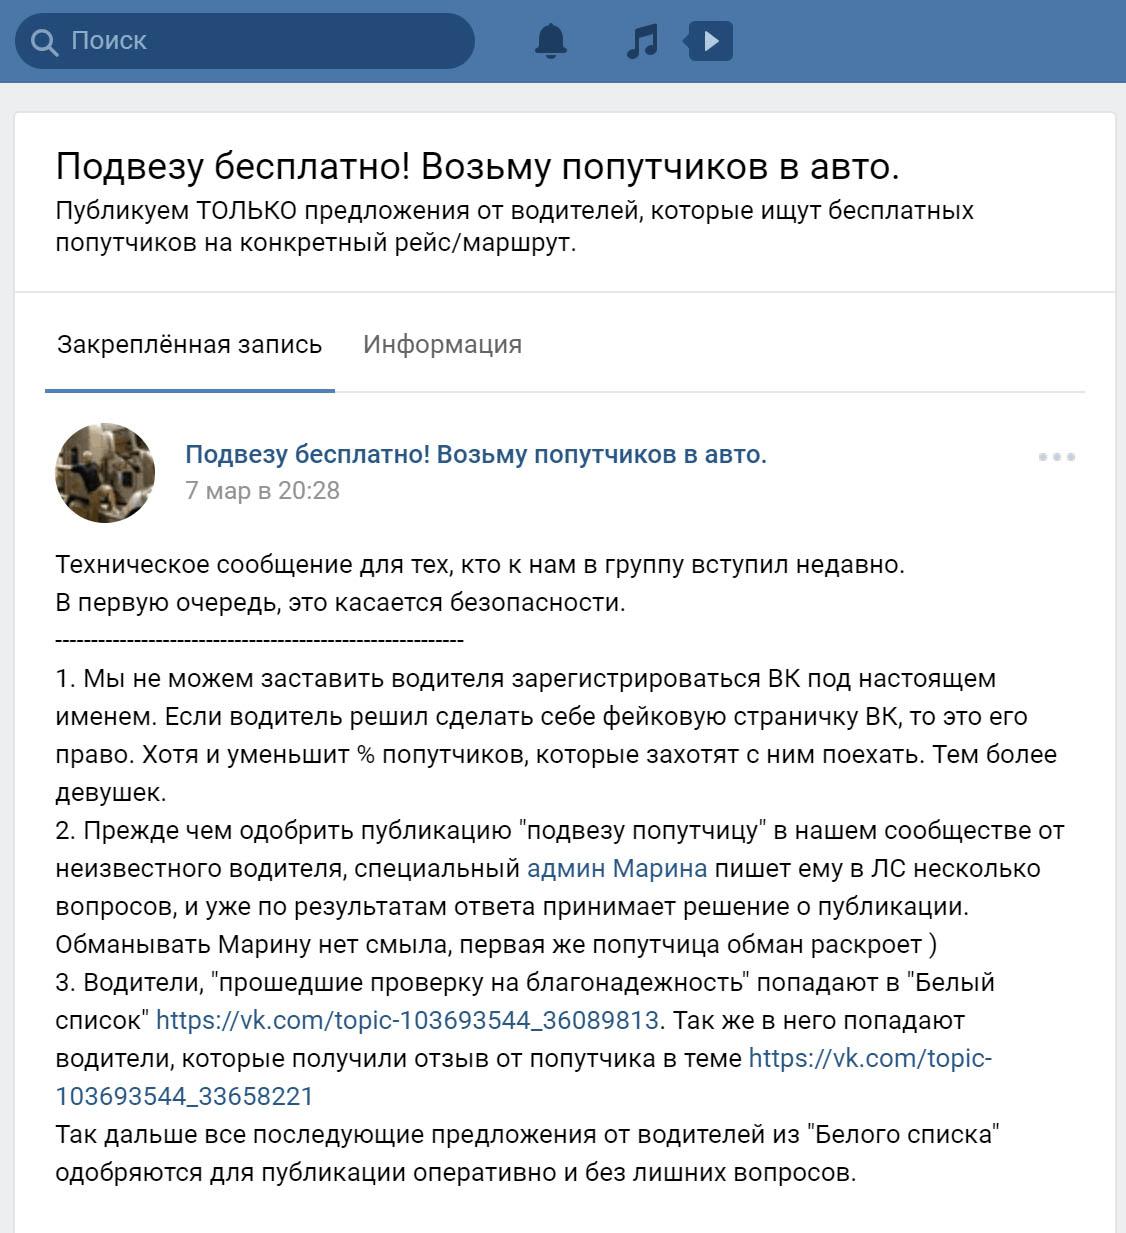 Правила безопасности в сообществе по поиску попутчиков во Вконтакте